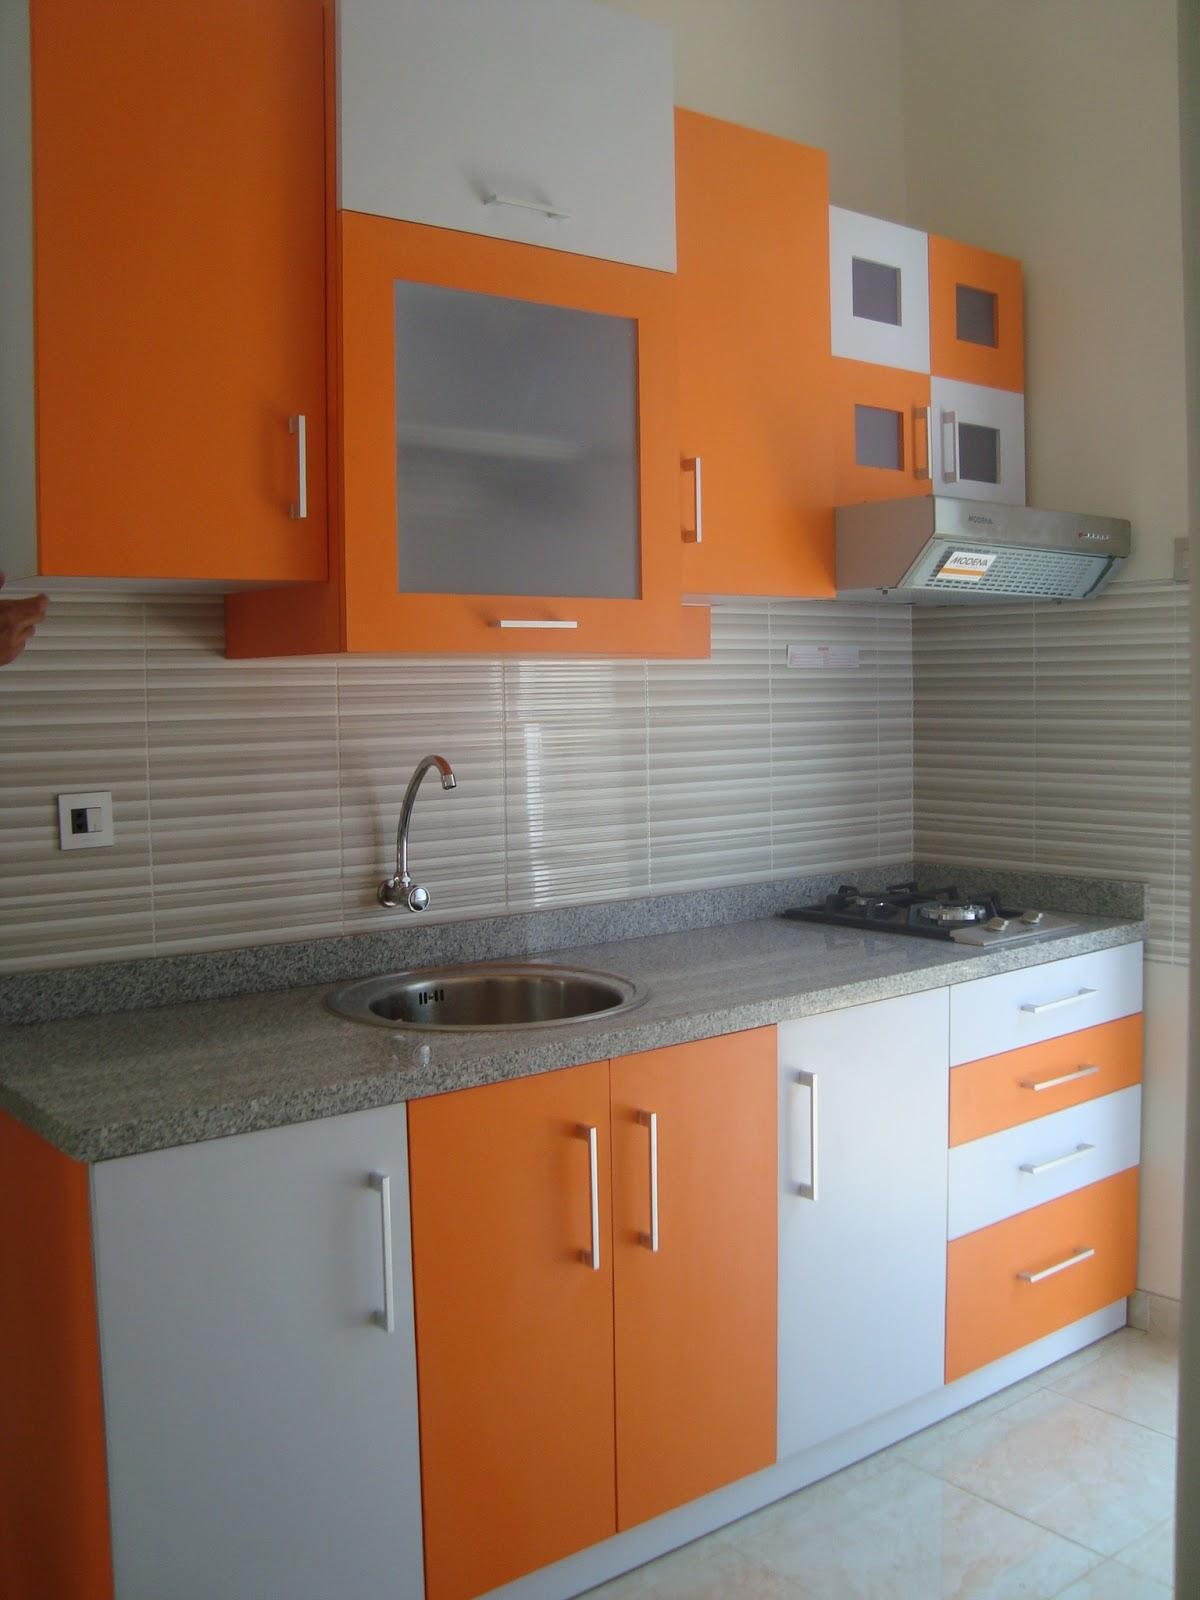 Dapur Minimalis 1 5 Meter